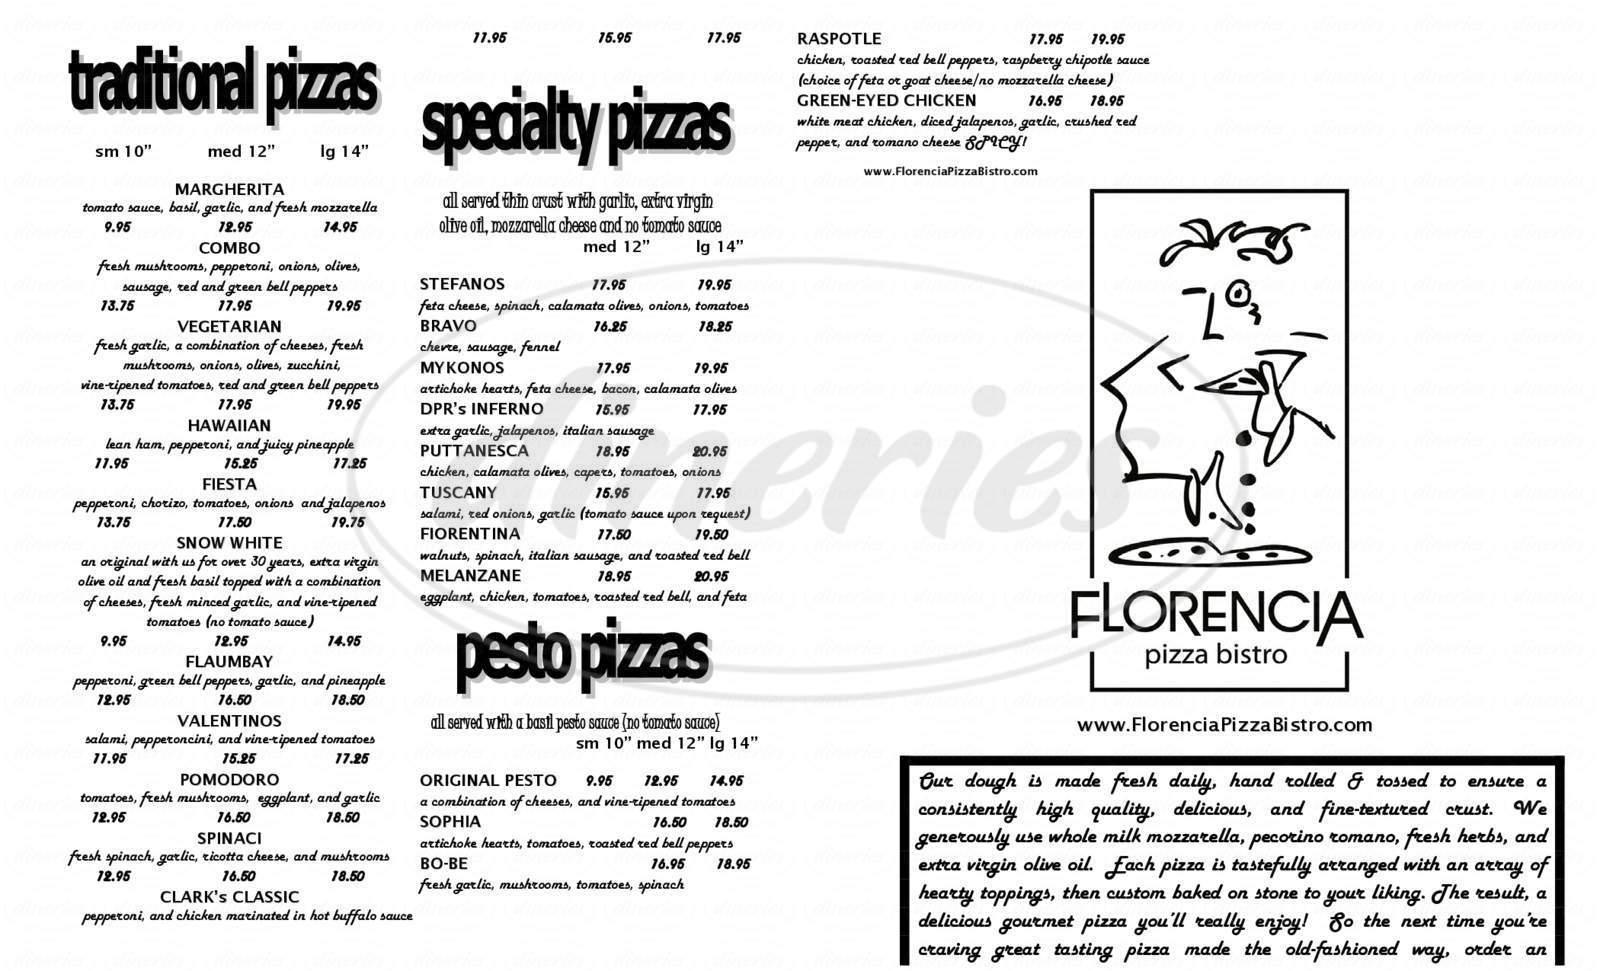 menu for Florencia Pizza Bistro